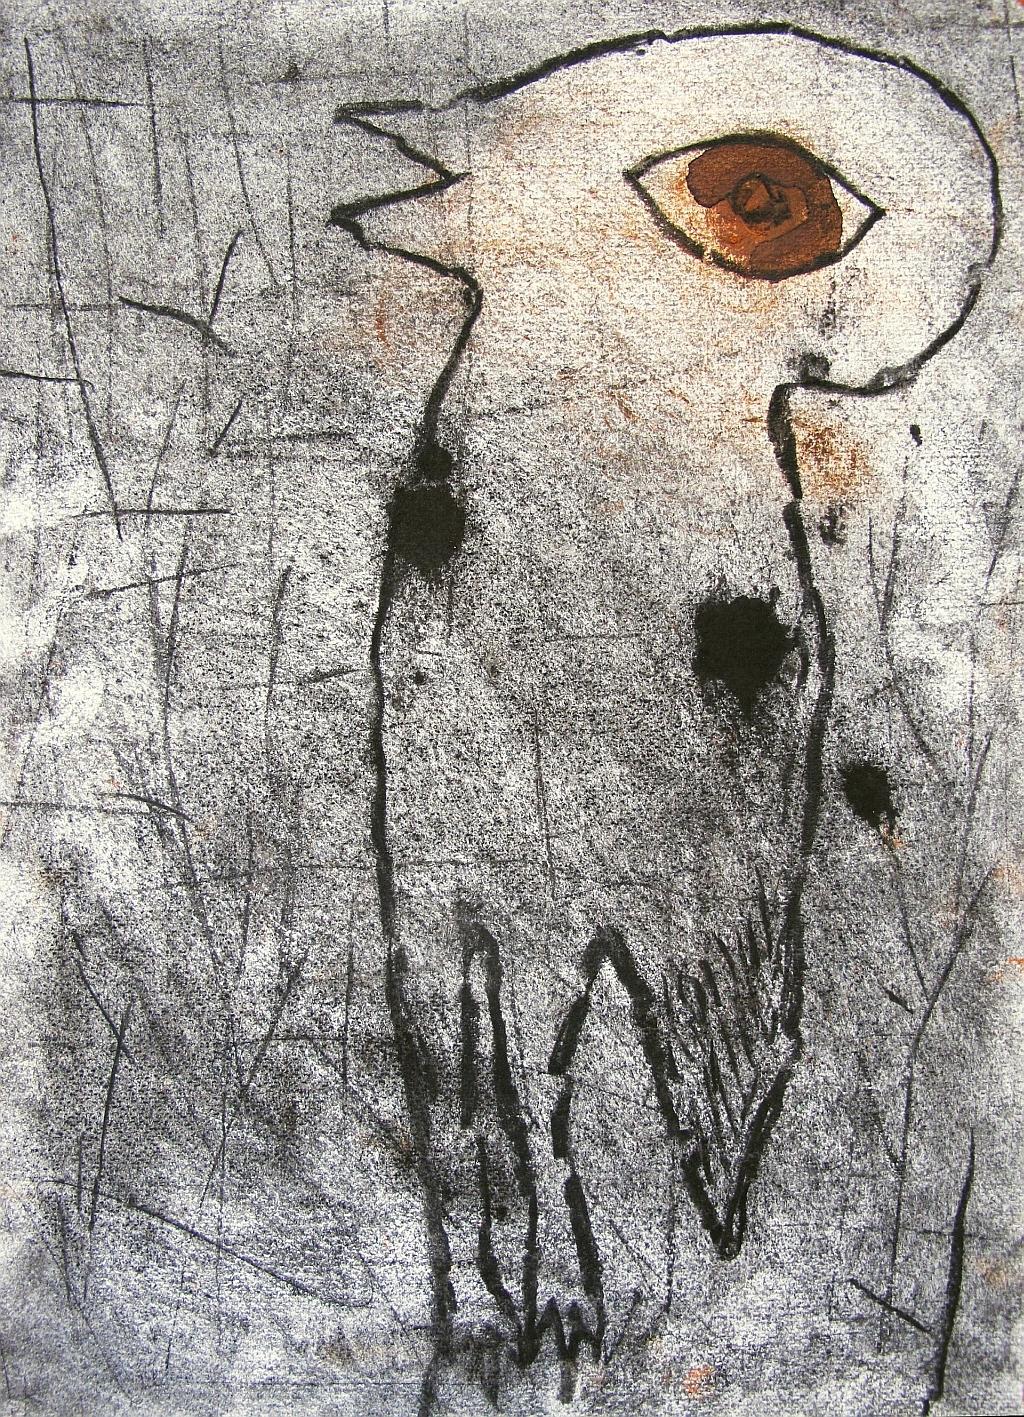 1 bush stone curlew